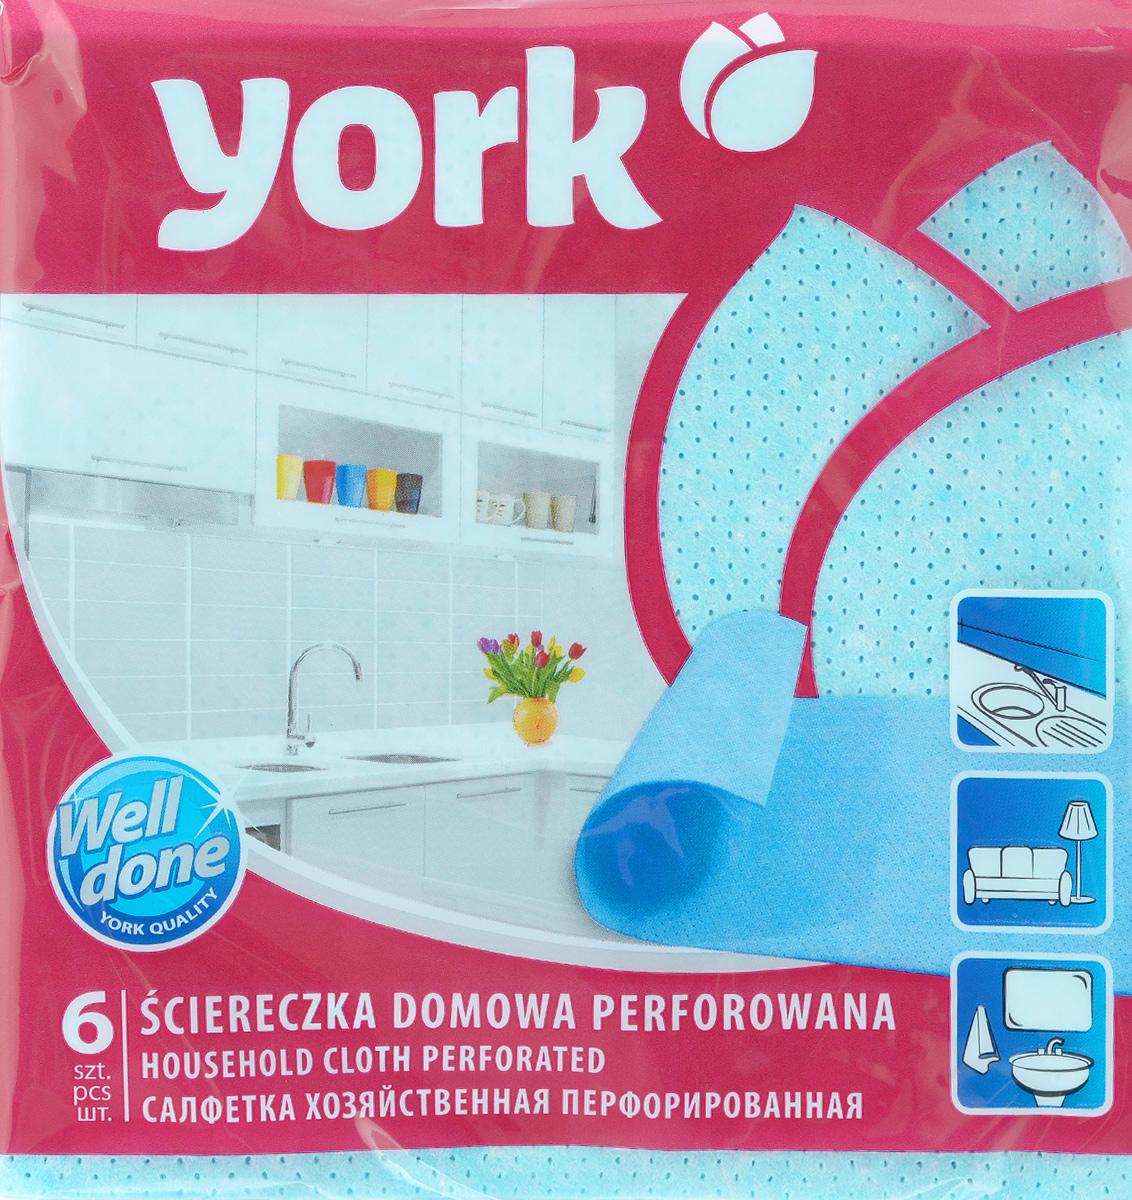 Салфетка перфорированная York, цвет: голубой, 34 х 35 см, 6 шт2004_голубойПерфорированная салфетка York предназначена для мытья, протирания и полировки. Салфетка выполнена из вискозы с добавлением полипропиленового волокна, отличается высокой прочностью. Благодаря перфорации хорошо поглощает влагу. Идеальна для ухода за столешницами на кухне. Может использоваться в сухом и влажном виде.